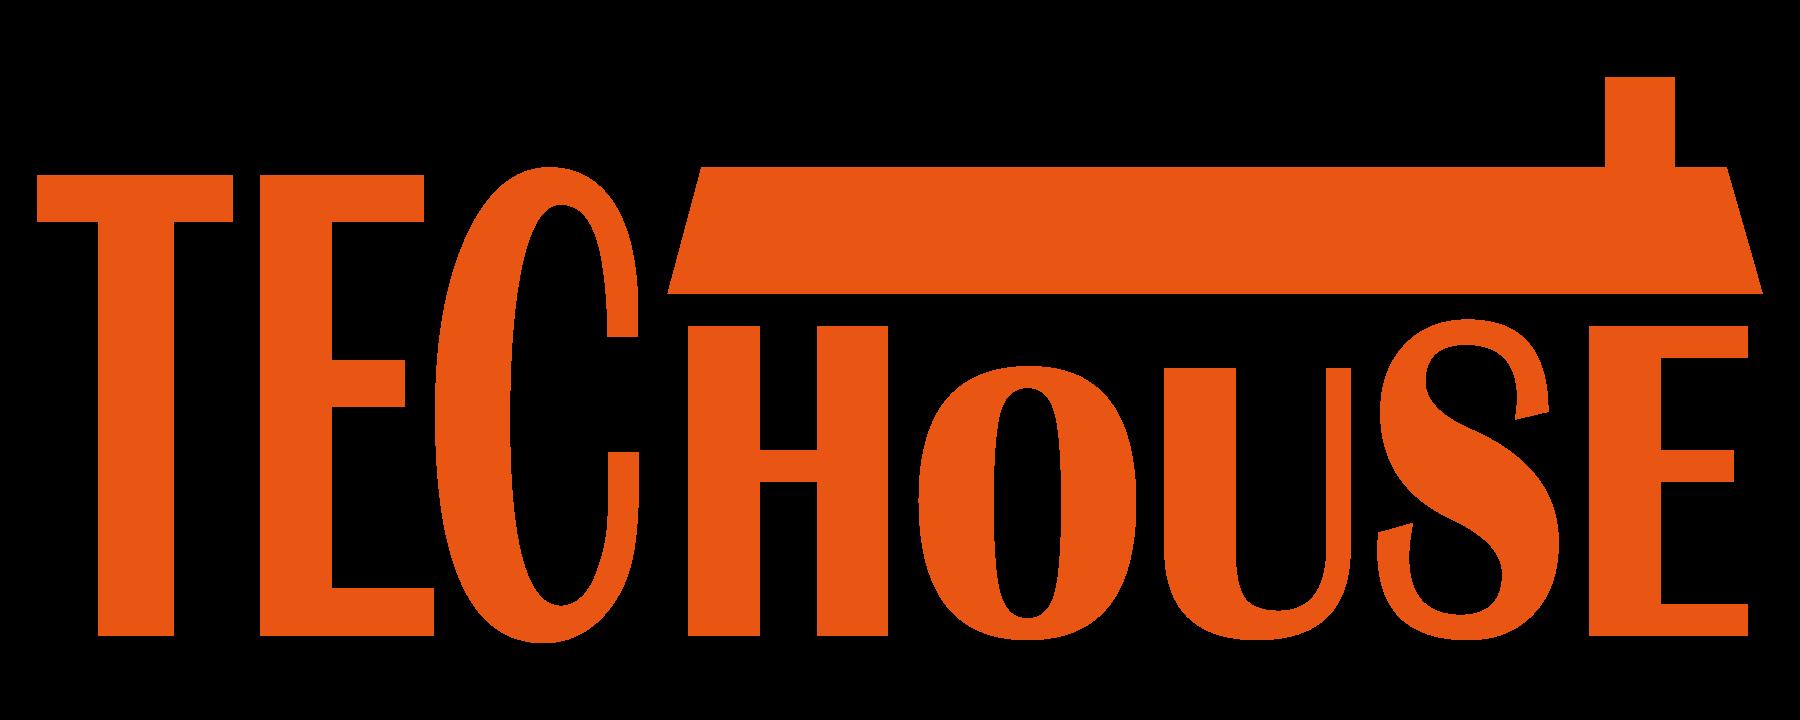 Logo  k6clbkhhmthx9 3